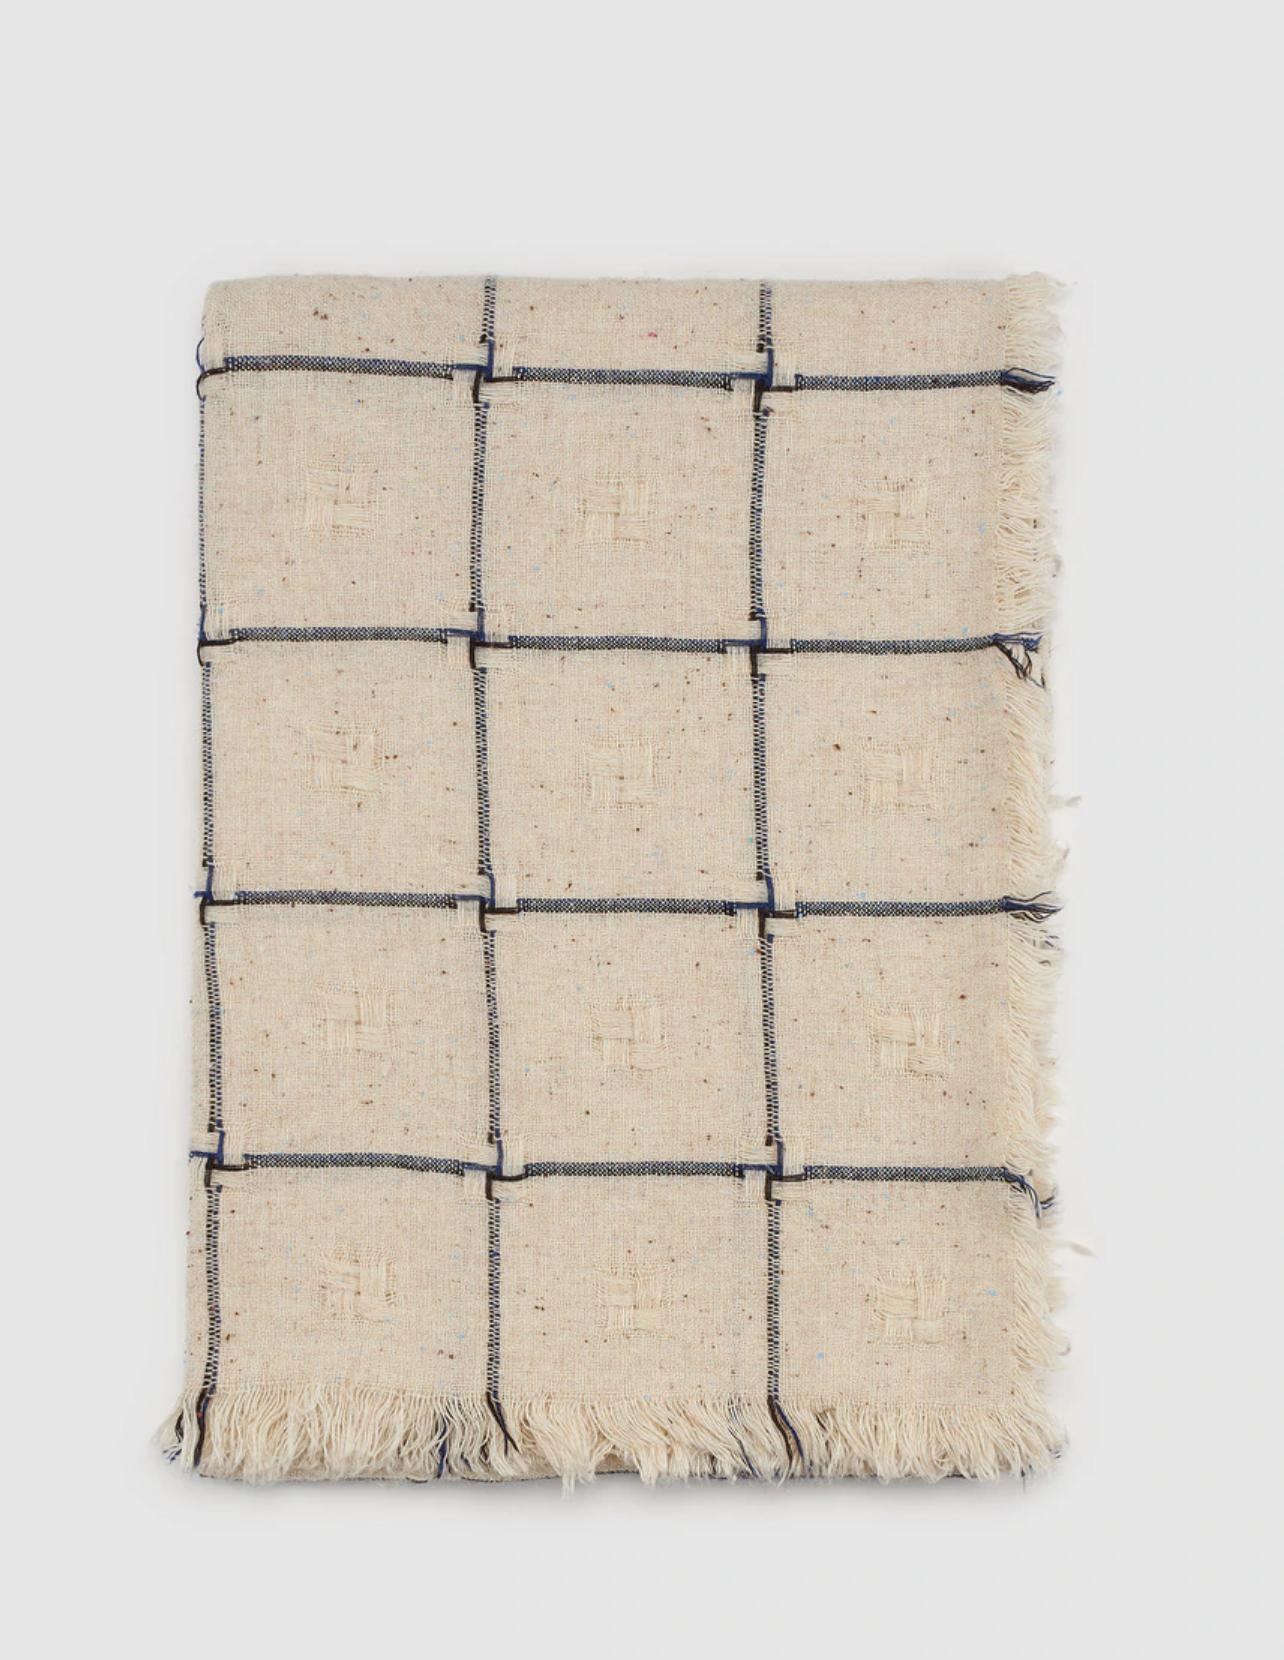 Maxi bufanda Southern Cotton en blanco con bordado de cuadros azules